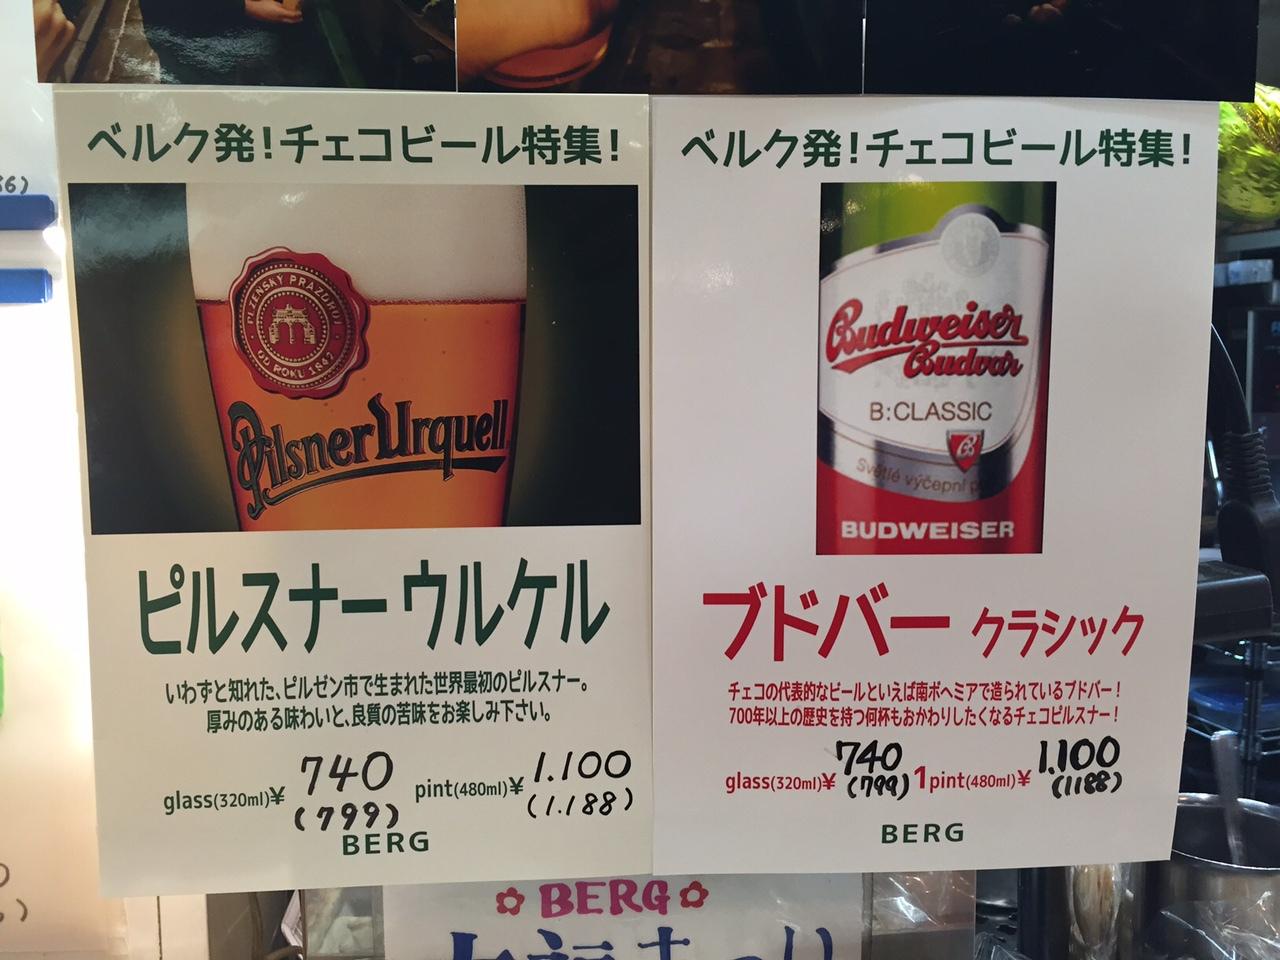 【ベルク発!チェコビール特集♪】ピルスナーウルケル、初登場!ブドバー クラシック、歴史あるピルスナー2種揃いました!!_c0069047_17275898.jpg